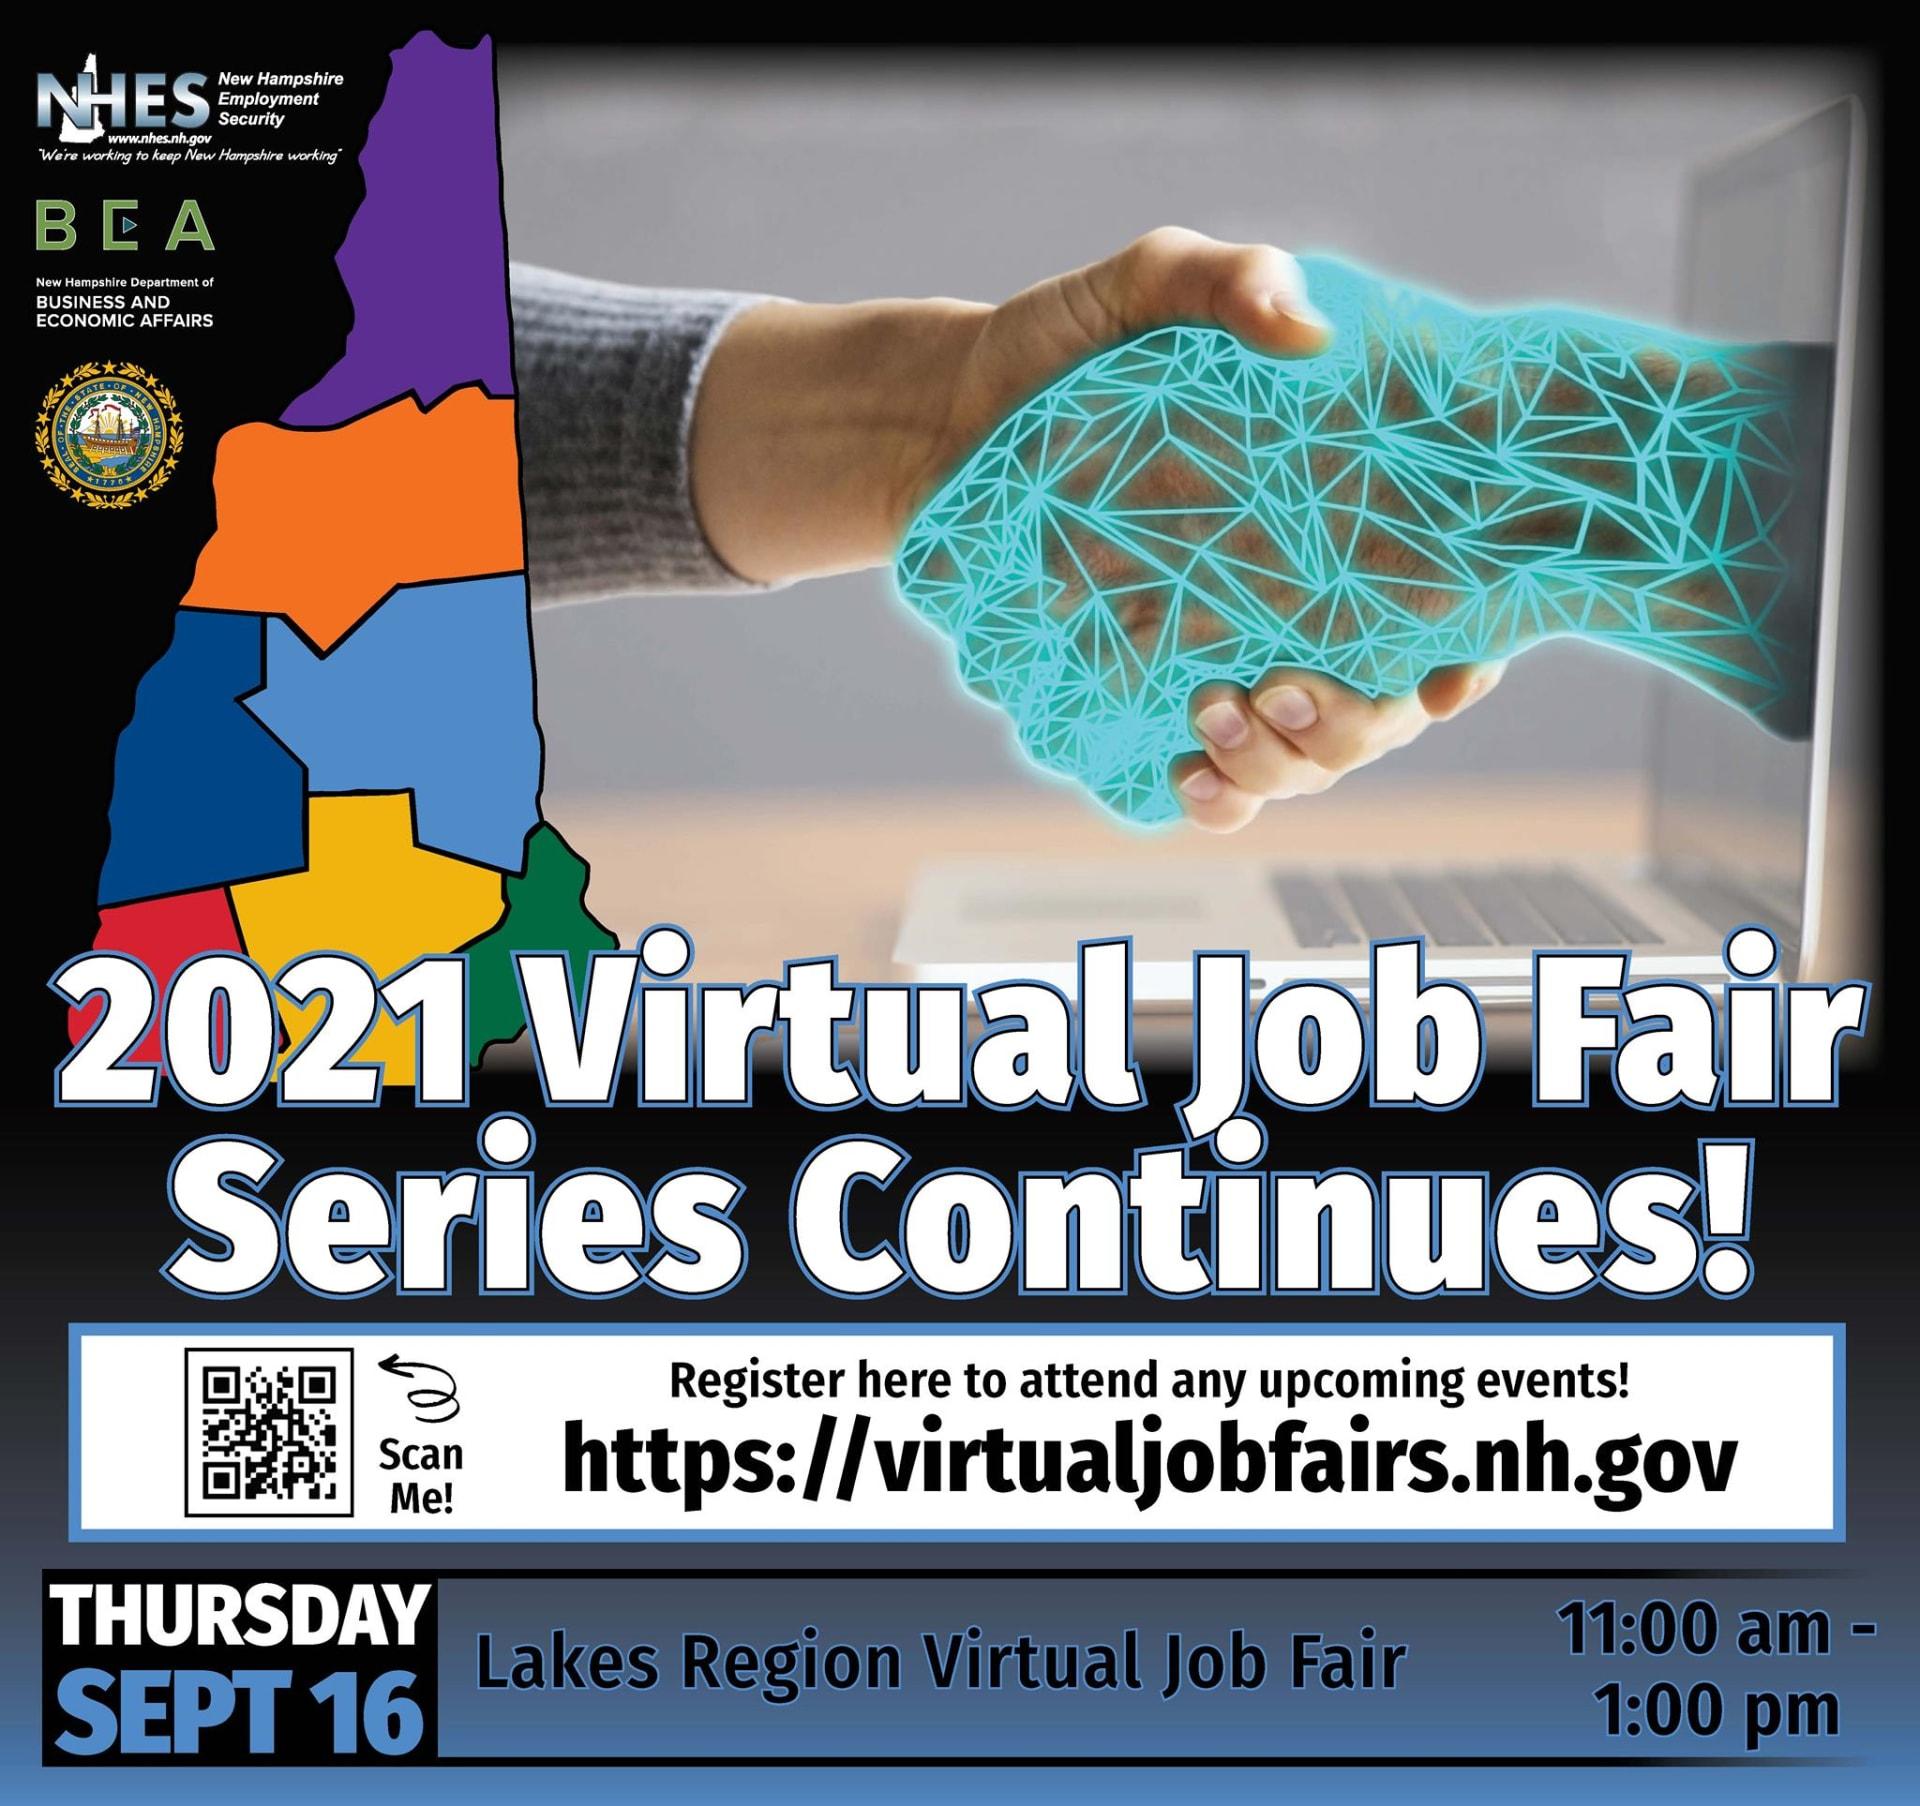 NHES-Lakes-Region-Virtual-Job-Fair.jpg